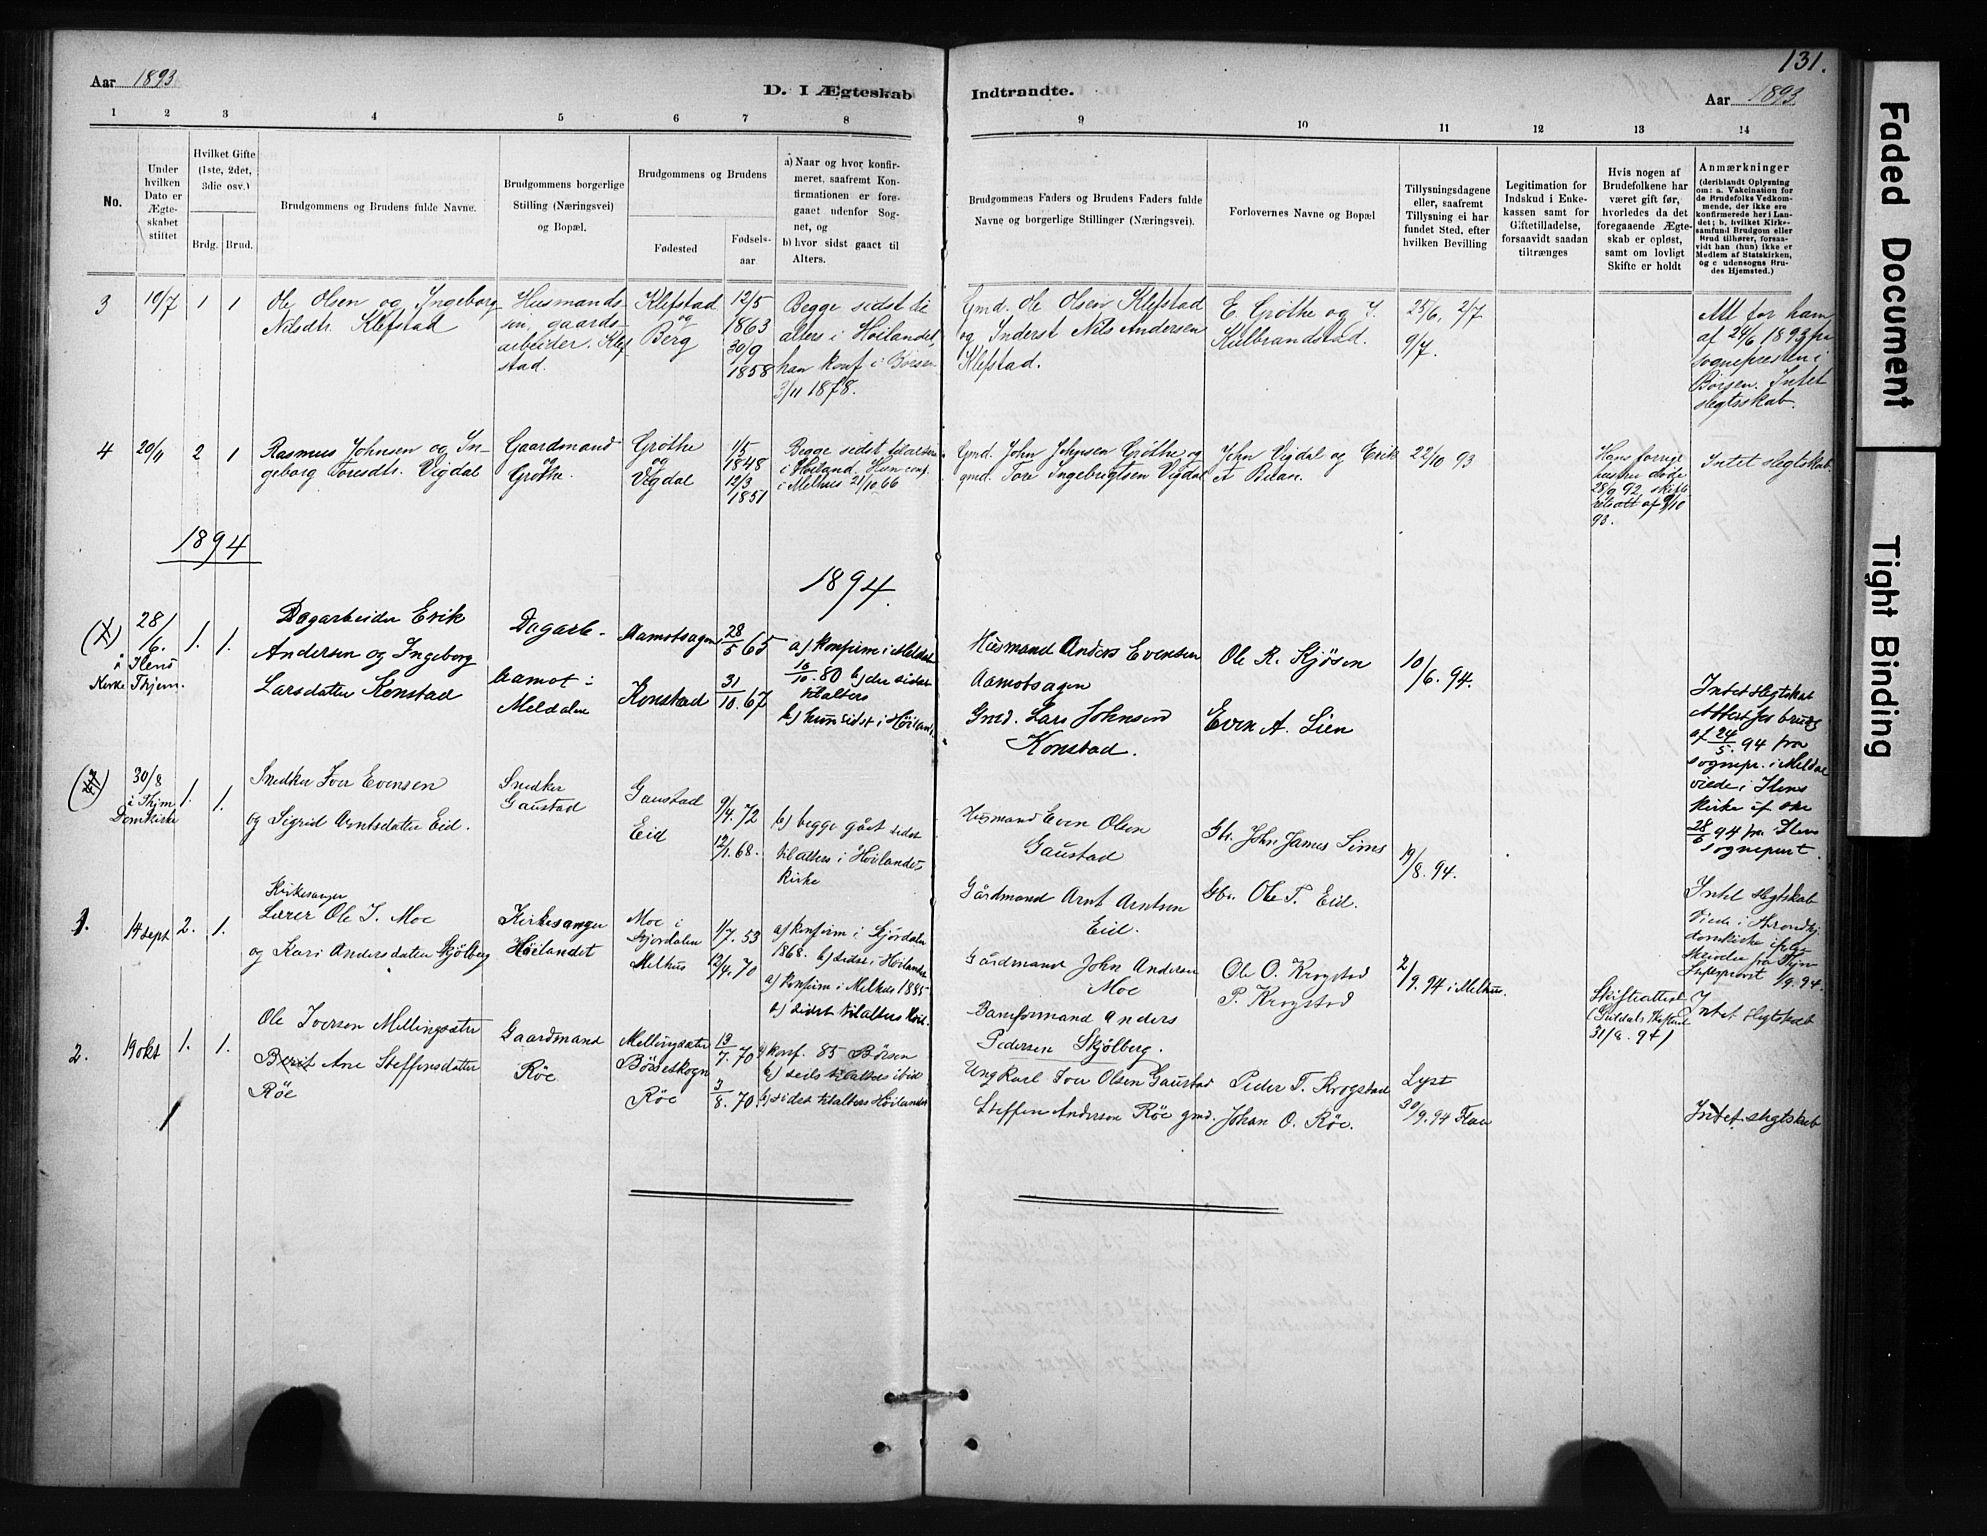 SAT, Ministerialprotokoller, klokkerbøker og fødselsregistre - Sør-Trøndelag, 694/L1127: Ministerialbok nr. 694A01, 1887-1905, s. 131